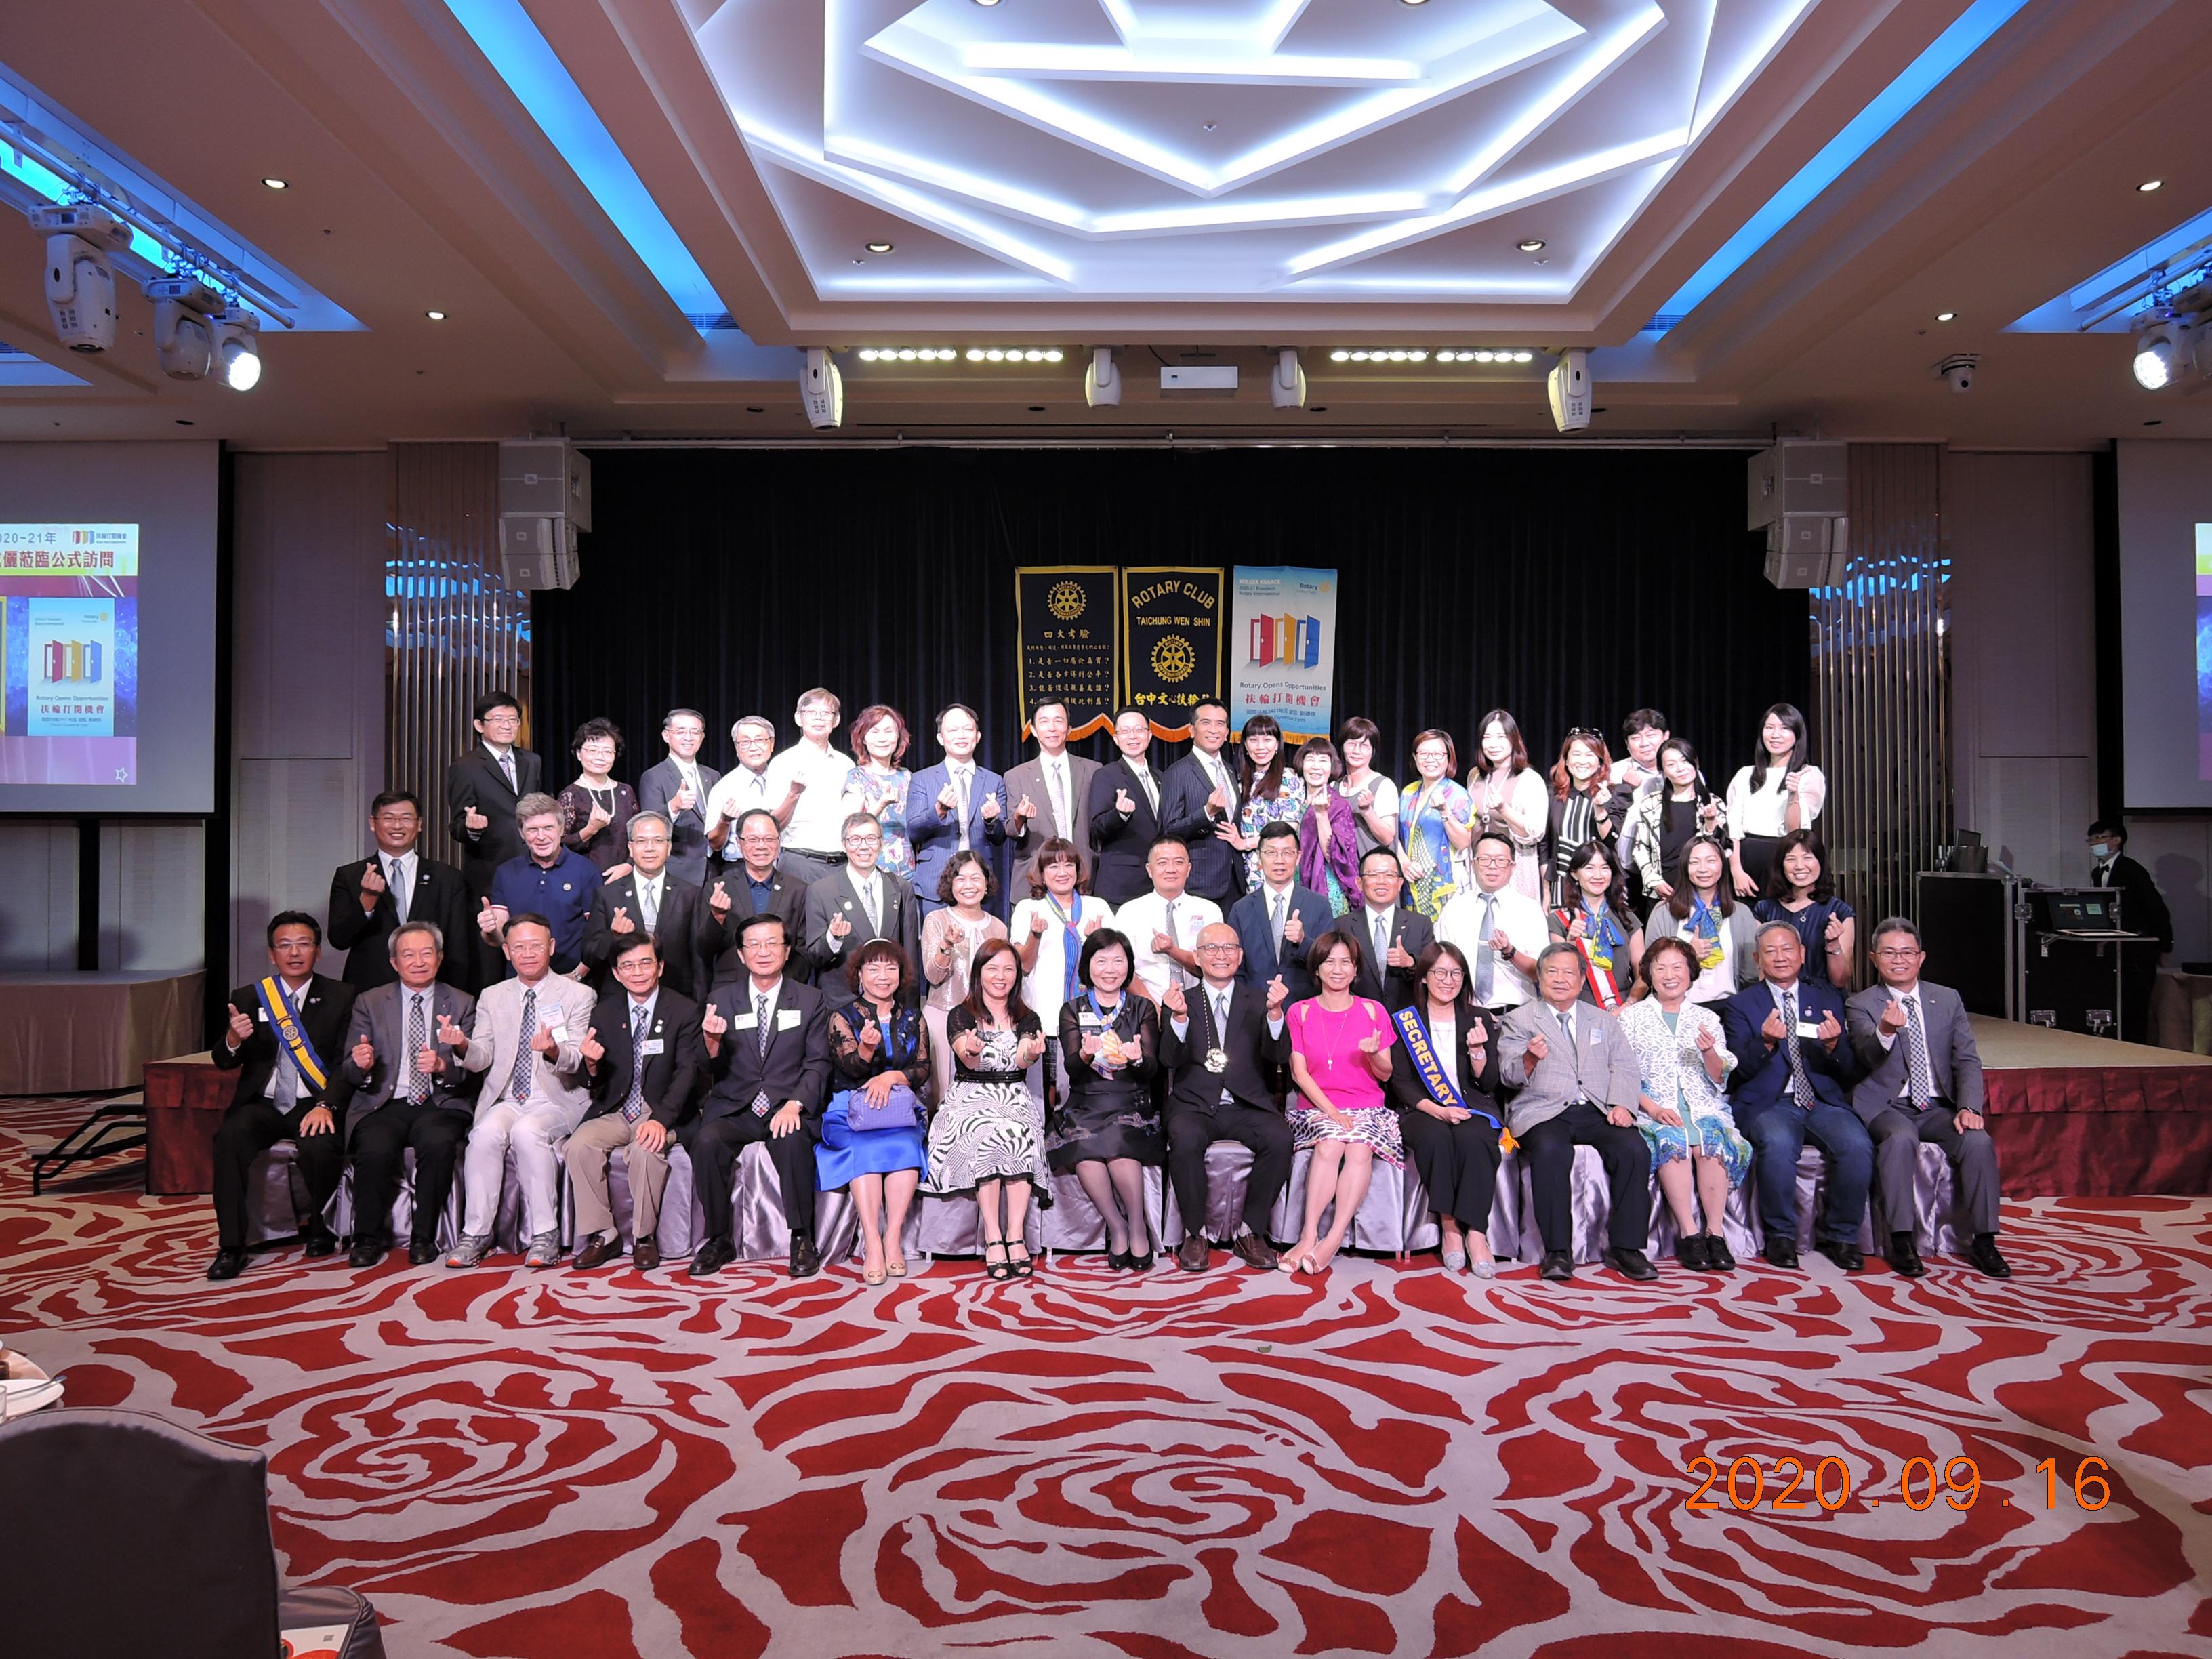 2020-21年度總監劉禮修Eyes暨團隊蒞臨公式訪問